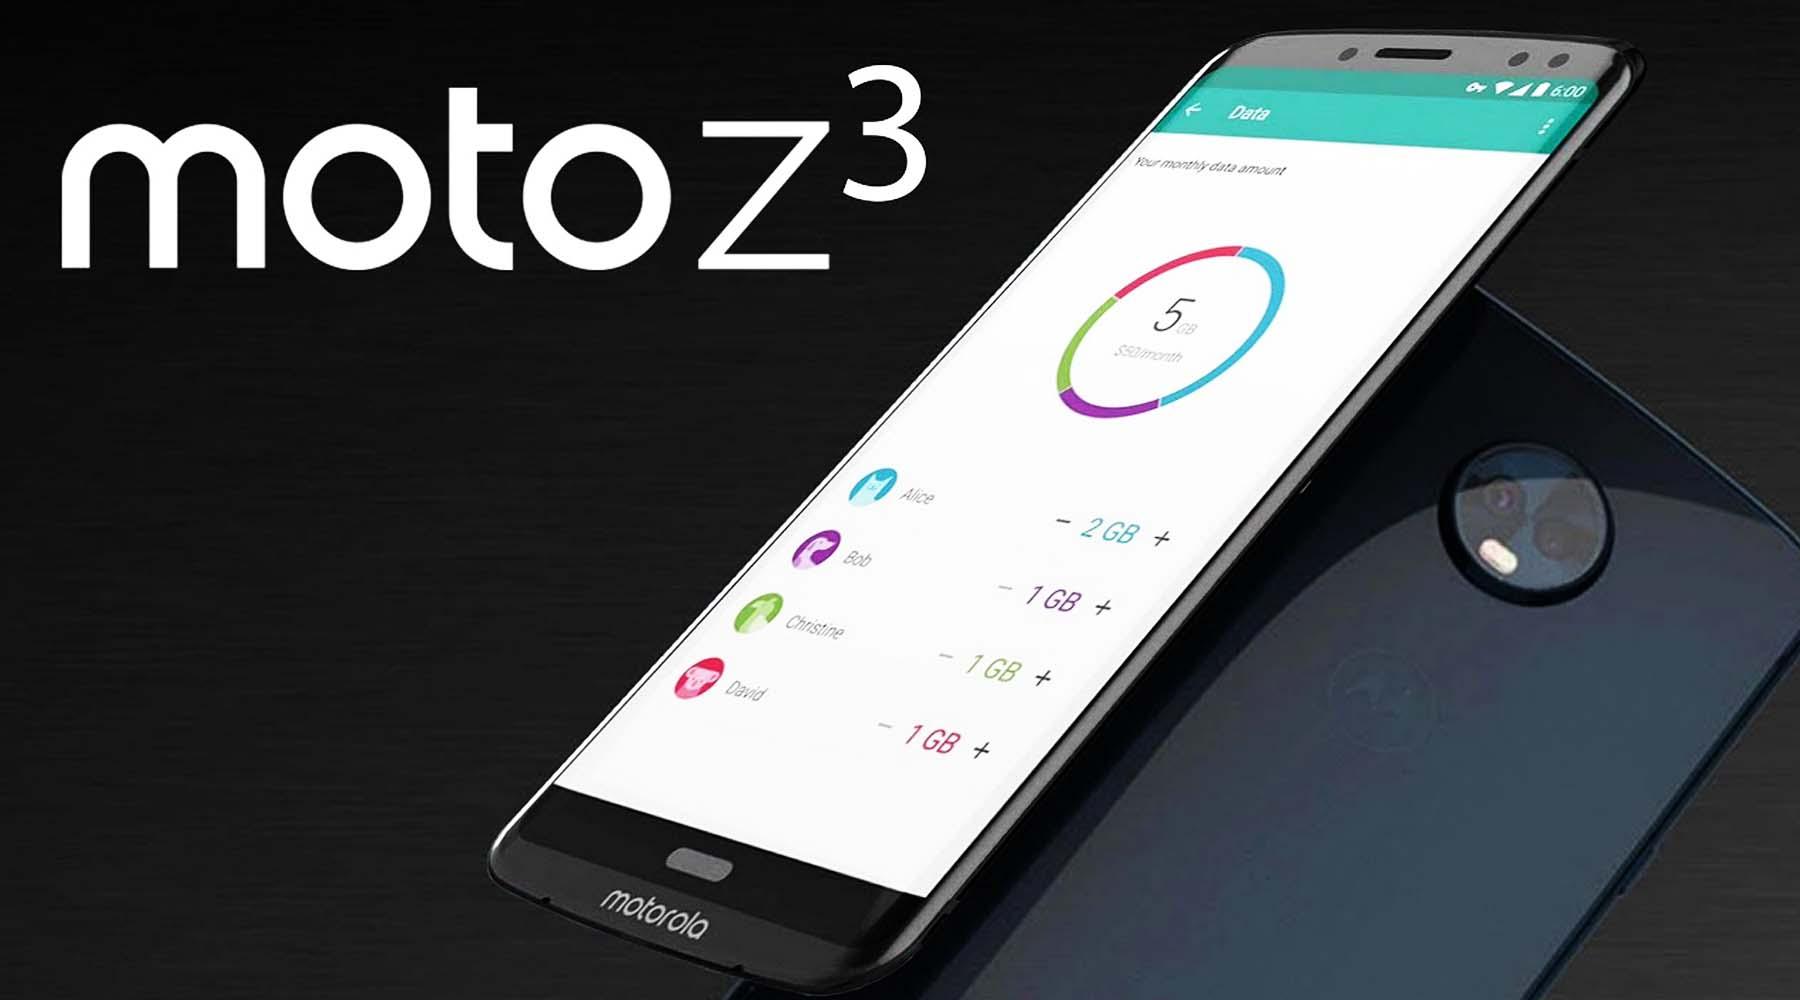 Moto Z3